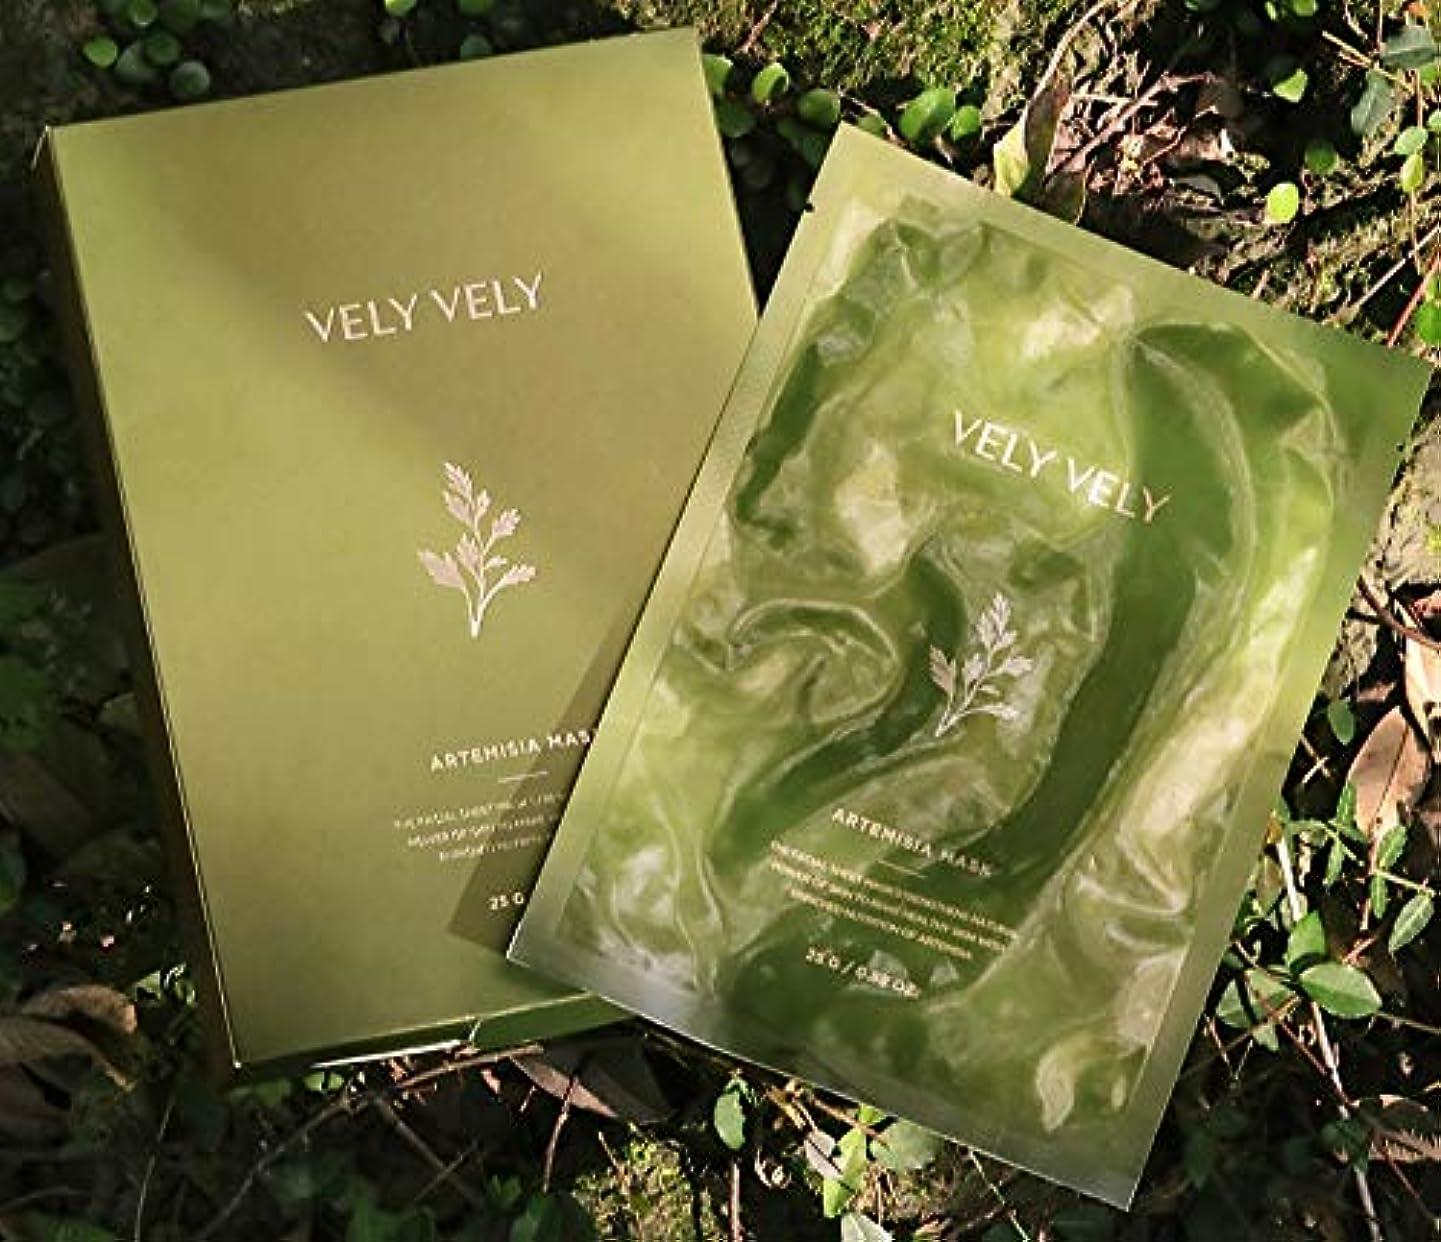 敬な従うスチールVELY VELYアルテミシアバランスマスク10EA 韓国の有名なブランド 韓国の人気マスクパックスキンケア鎮静保湿効果 ARTEMISIA BALANCE MASK